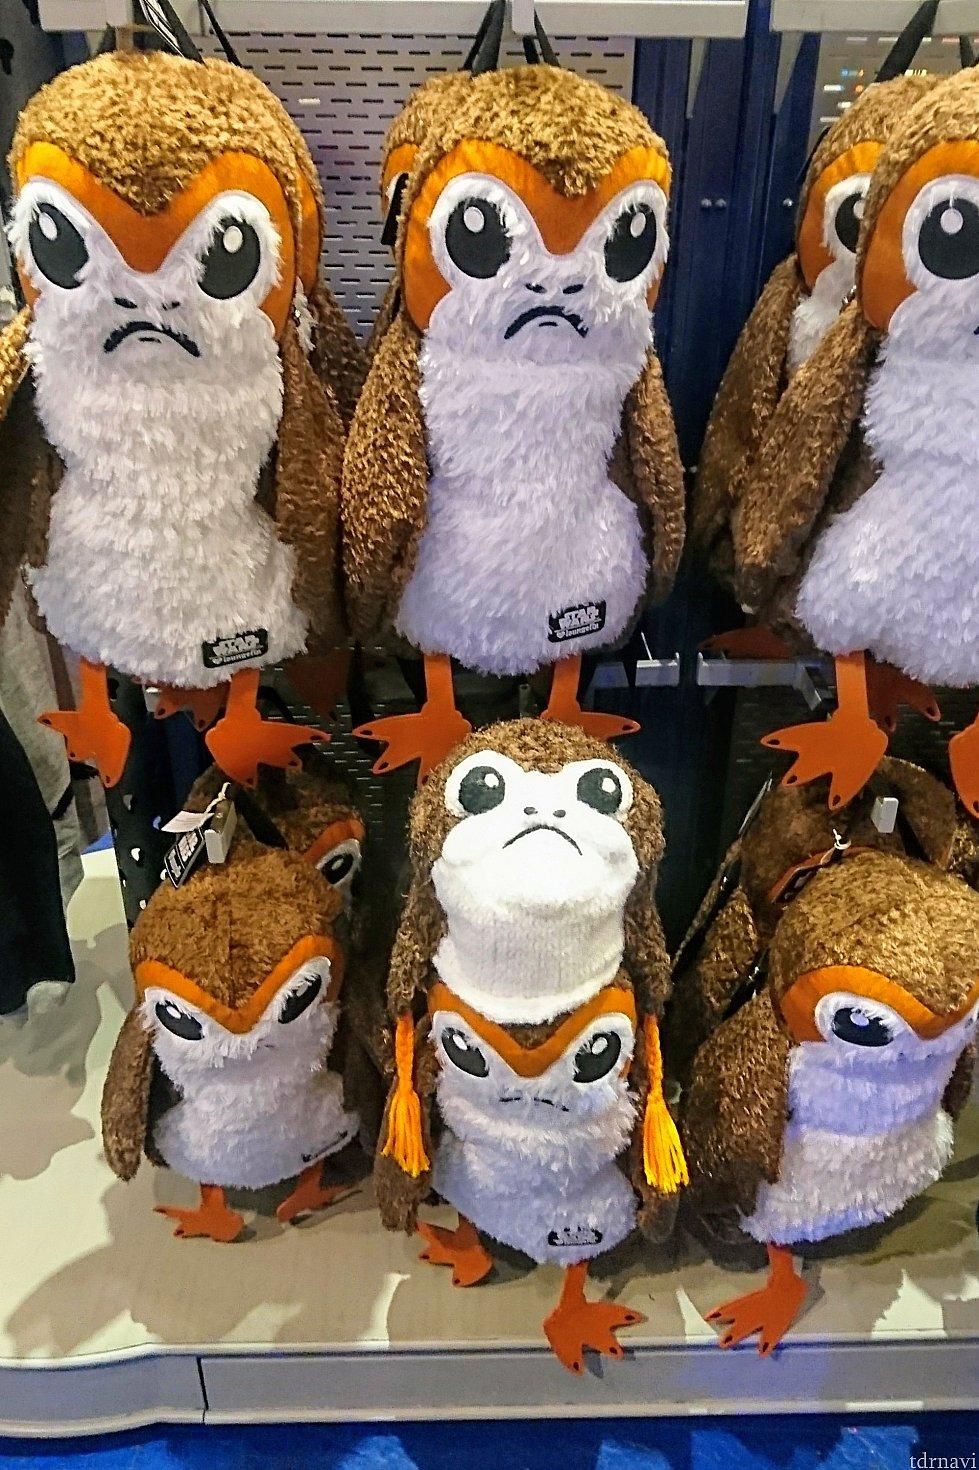 おまけの写真は『ポーグの群れに混じる、うちのポーグ』😆 リュック、可愛かったです💓 お店はトゥモローランドの「スタートレーダー」です。